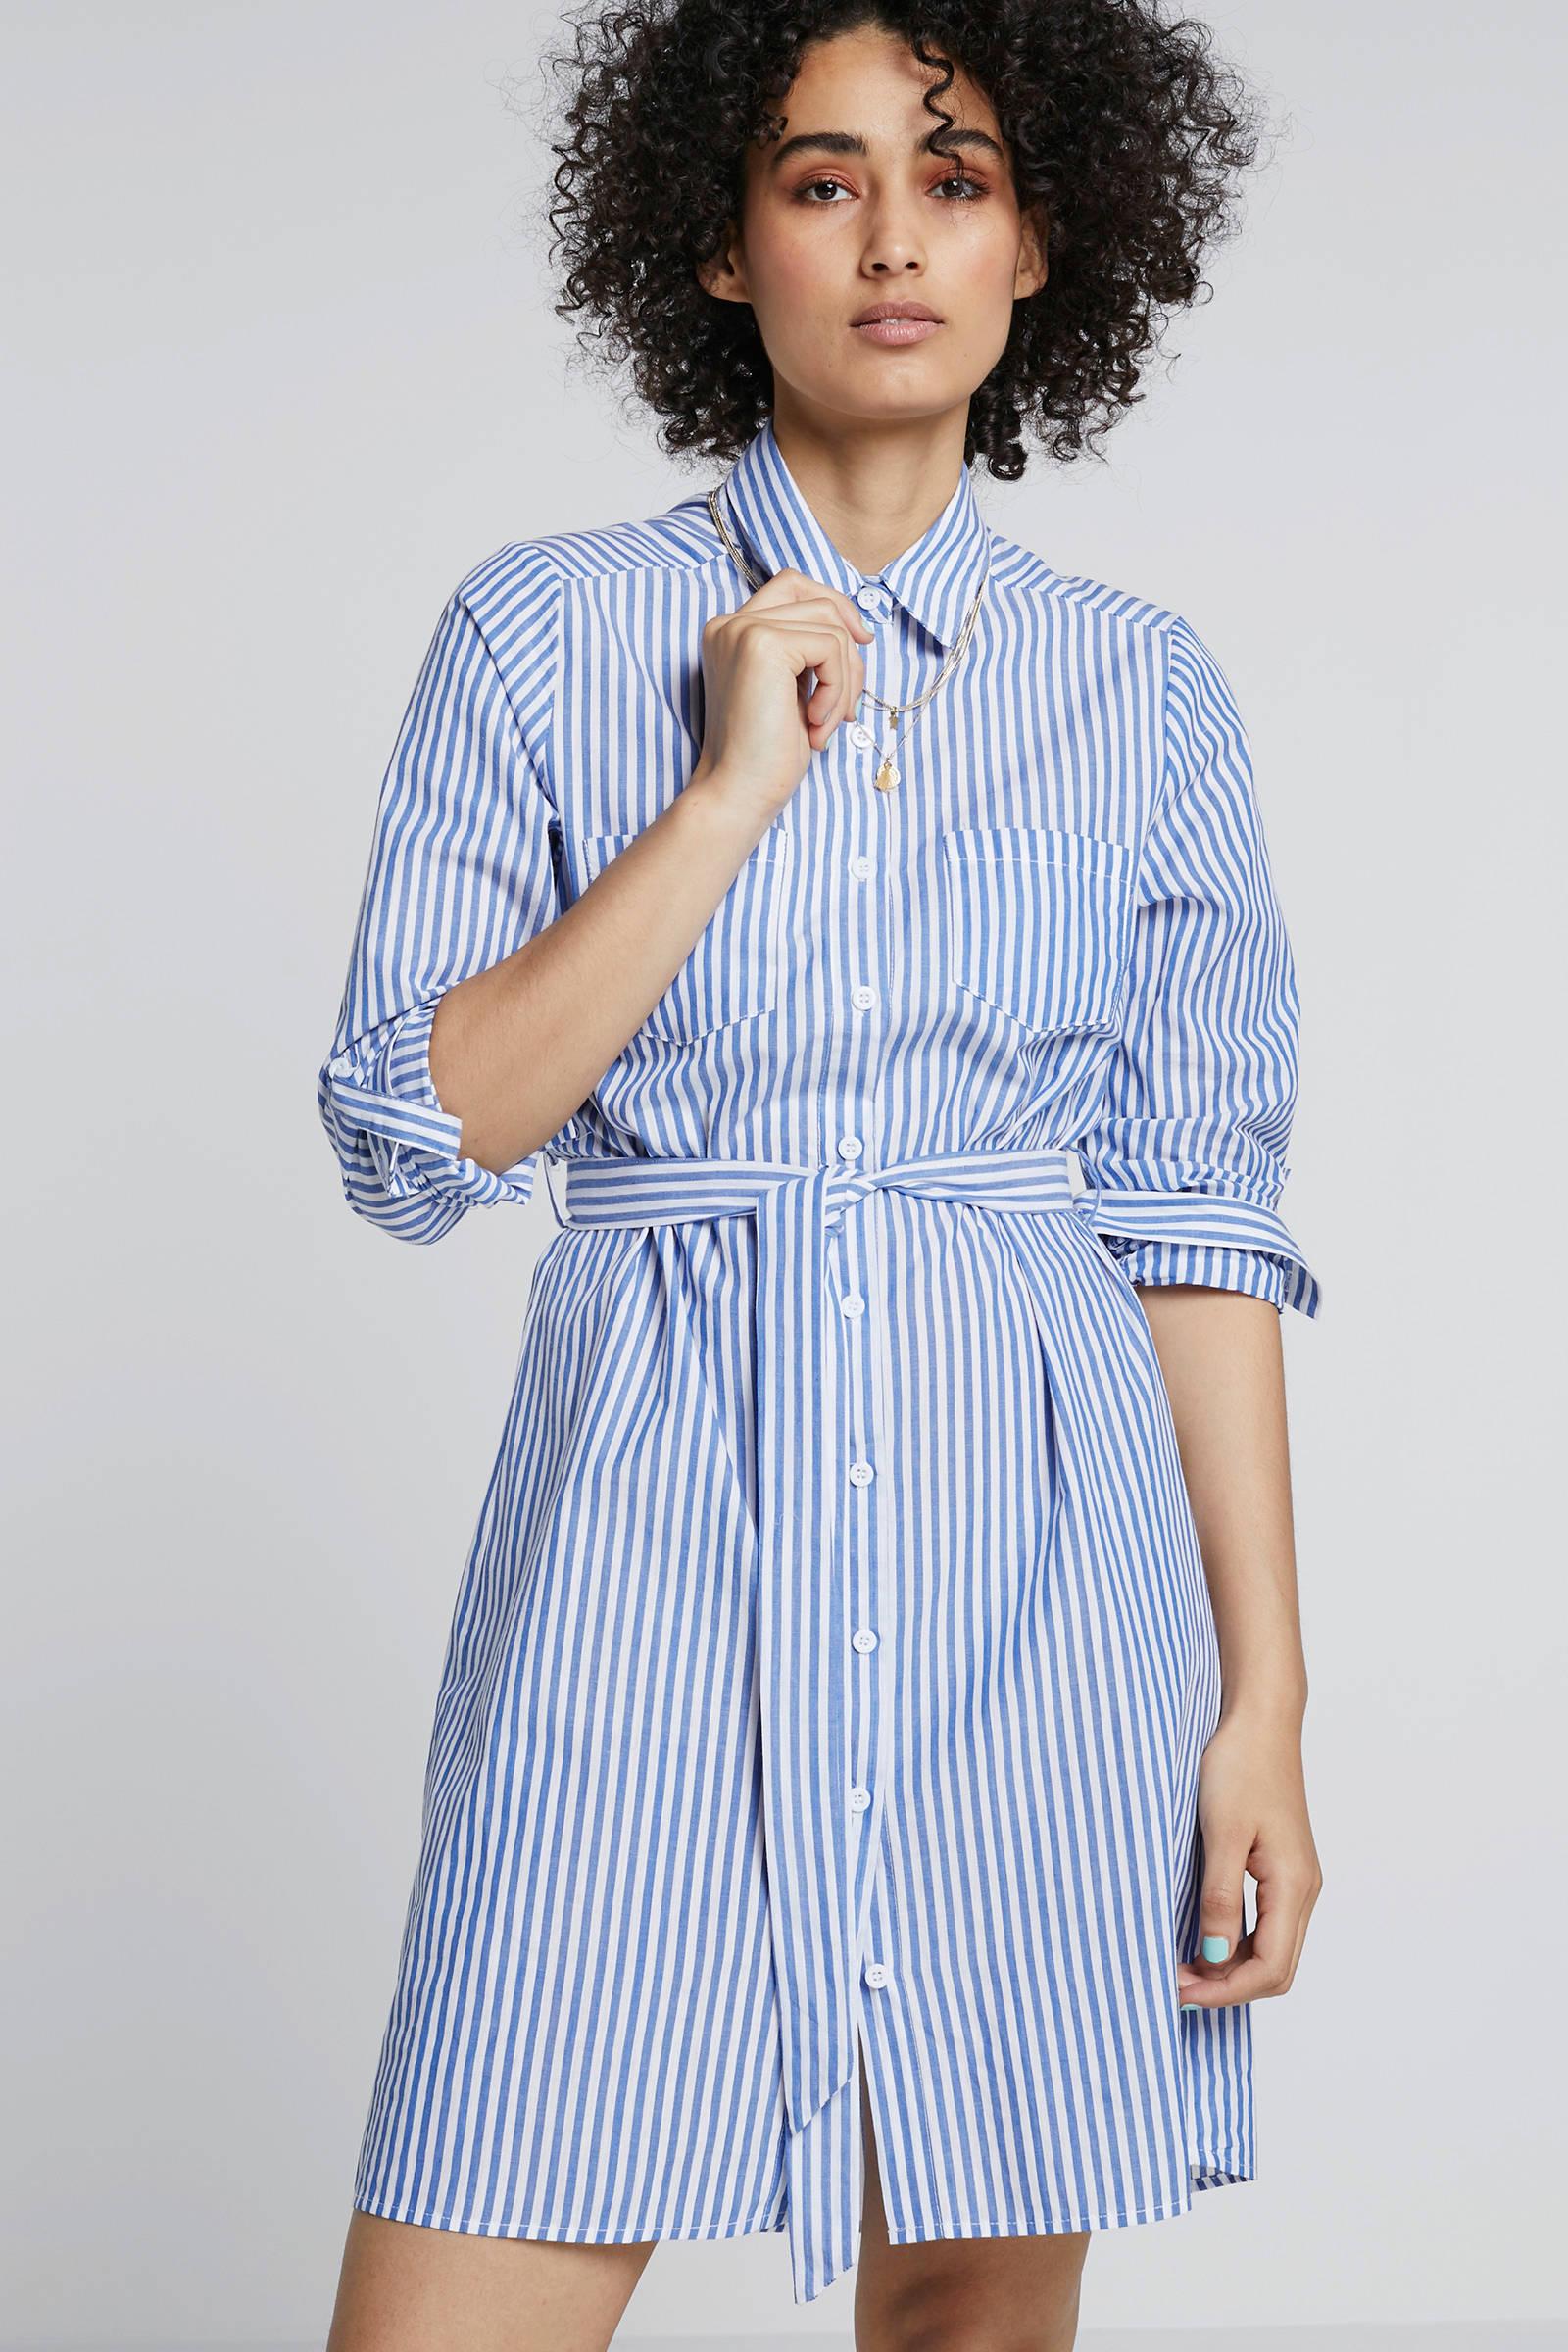 SisterS Point gestreepte blousejurk blauwwit | wehkamp